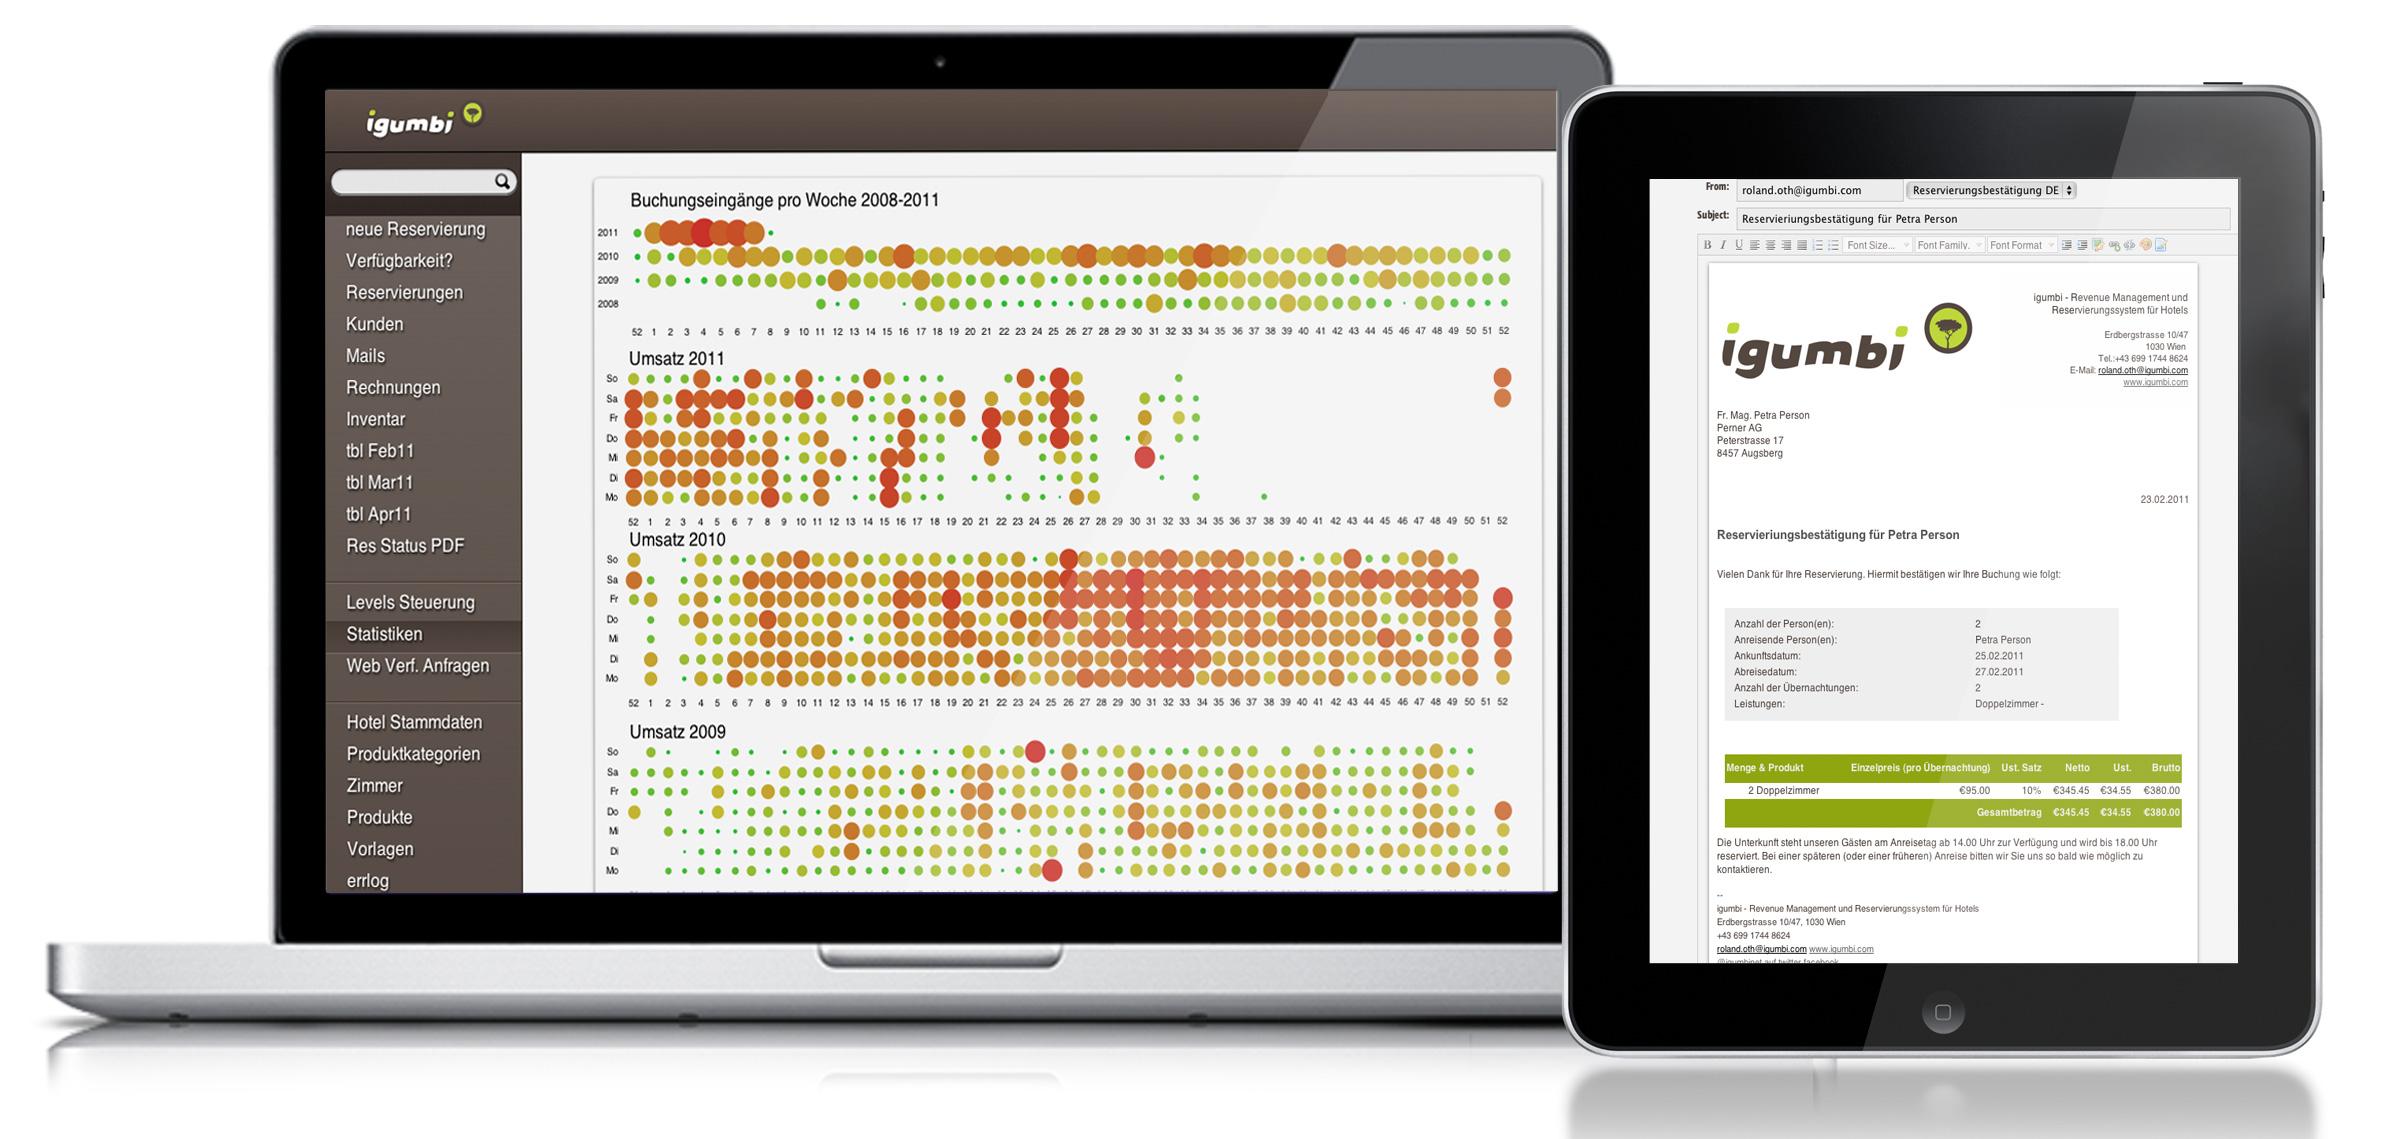 igumbi Hotelsoftware am Computer und am iPad als JPG